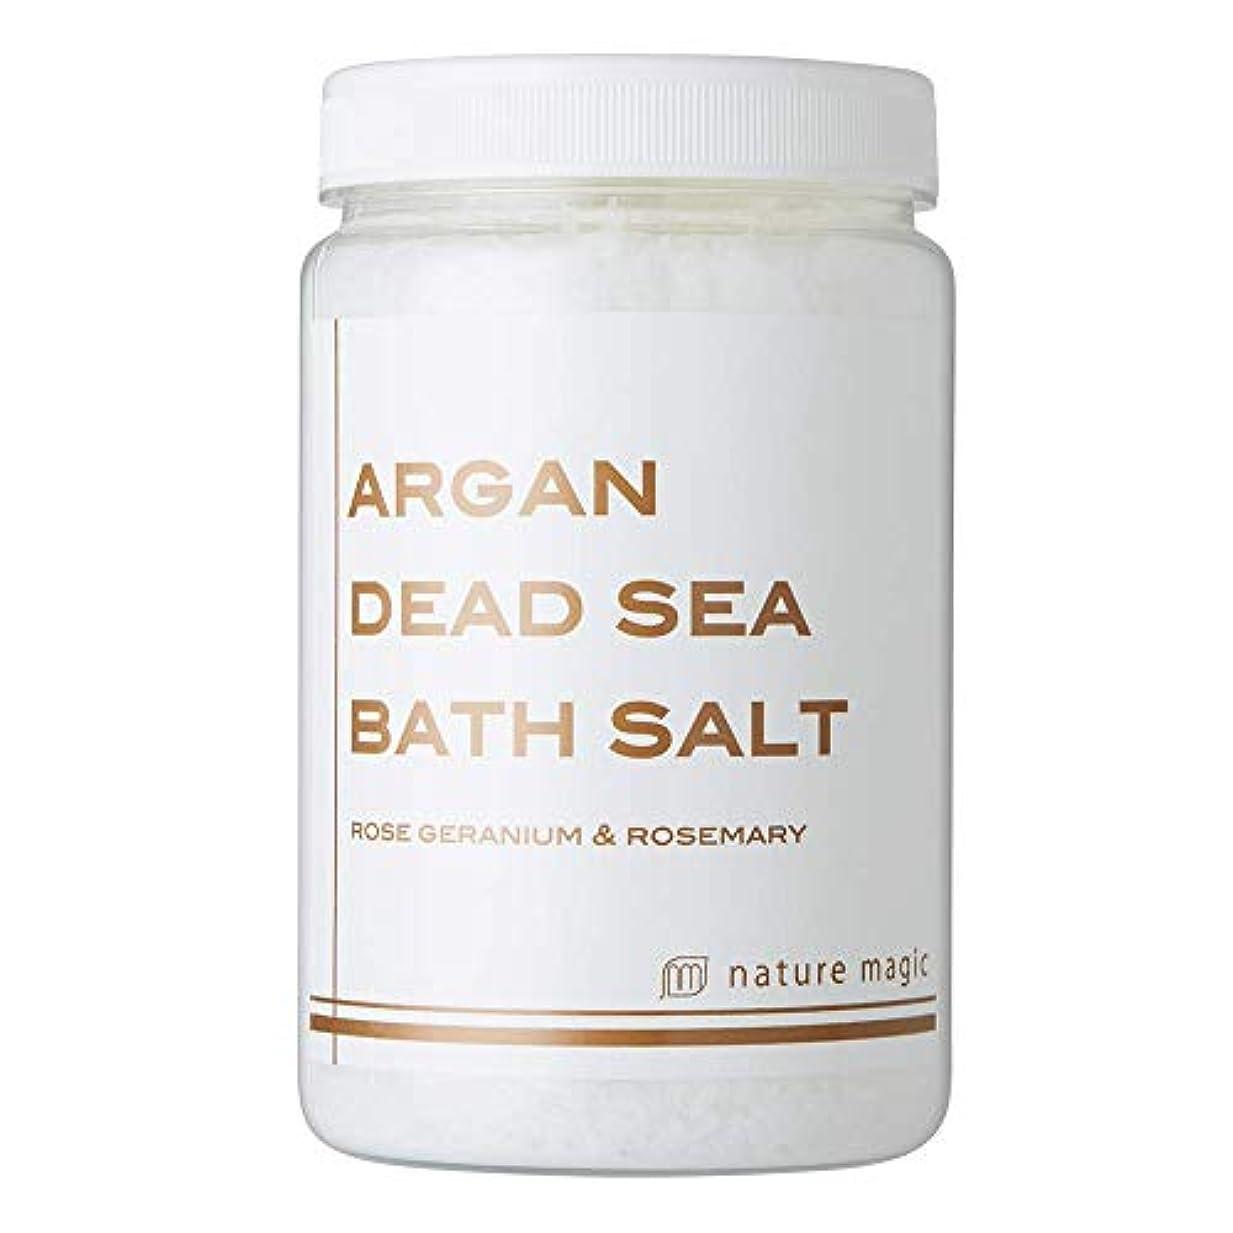 センブランスアブストラクト溶けた【死海の天然塩にアルガンオイルを配合した全身ポカポカ、お肌つるつる入浴剤】アルガンデッドシーバスソルト